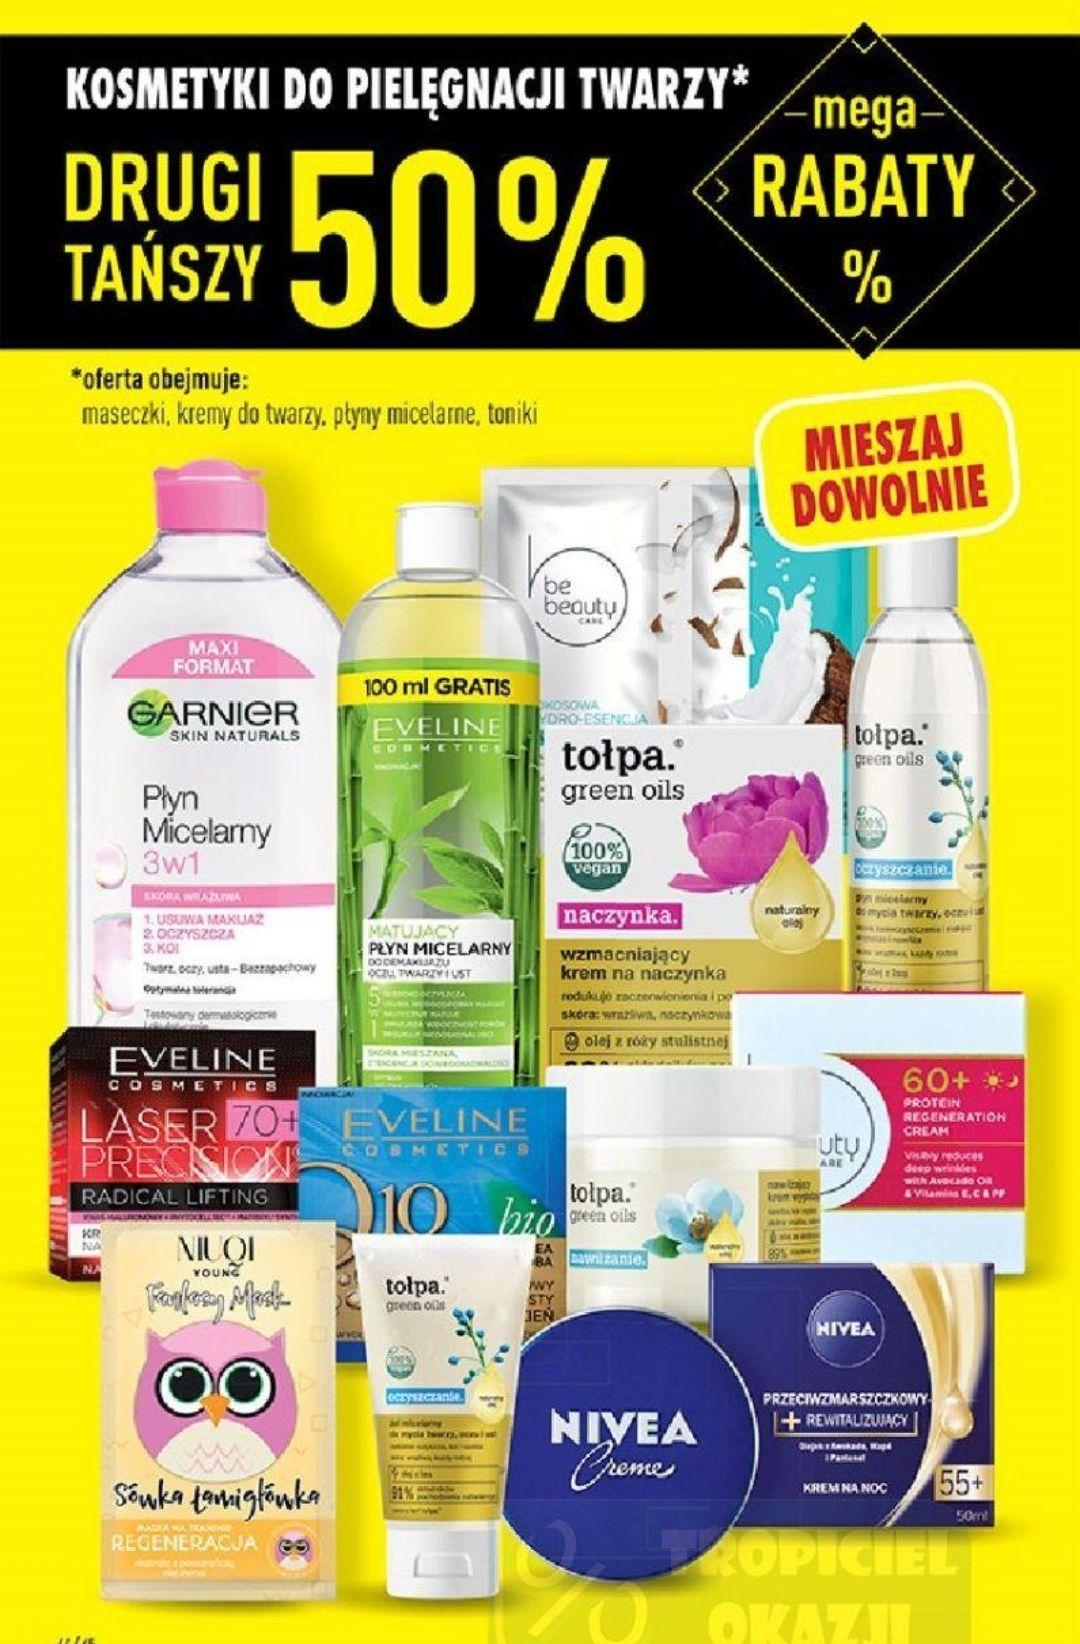 Wszystkie kosmetyki do pielęgnacji twarzy oraz dezodoranty i perfumy drugi produkt 50% taniej - Biedronka